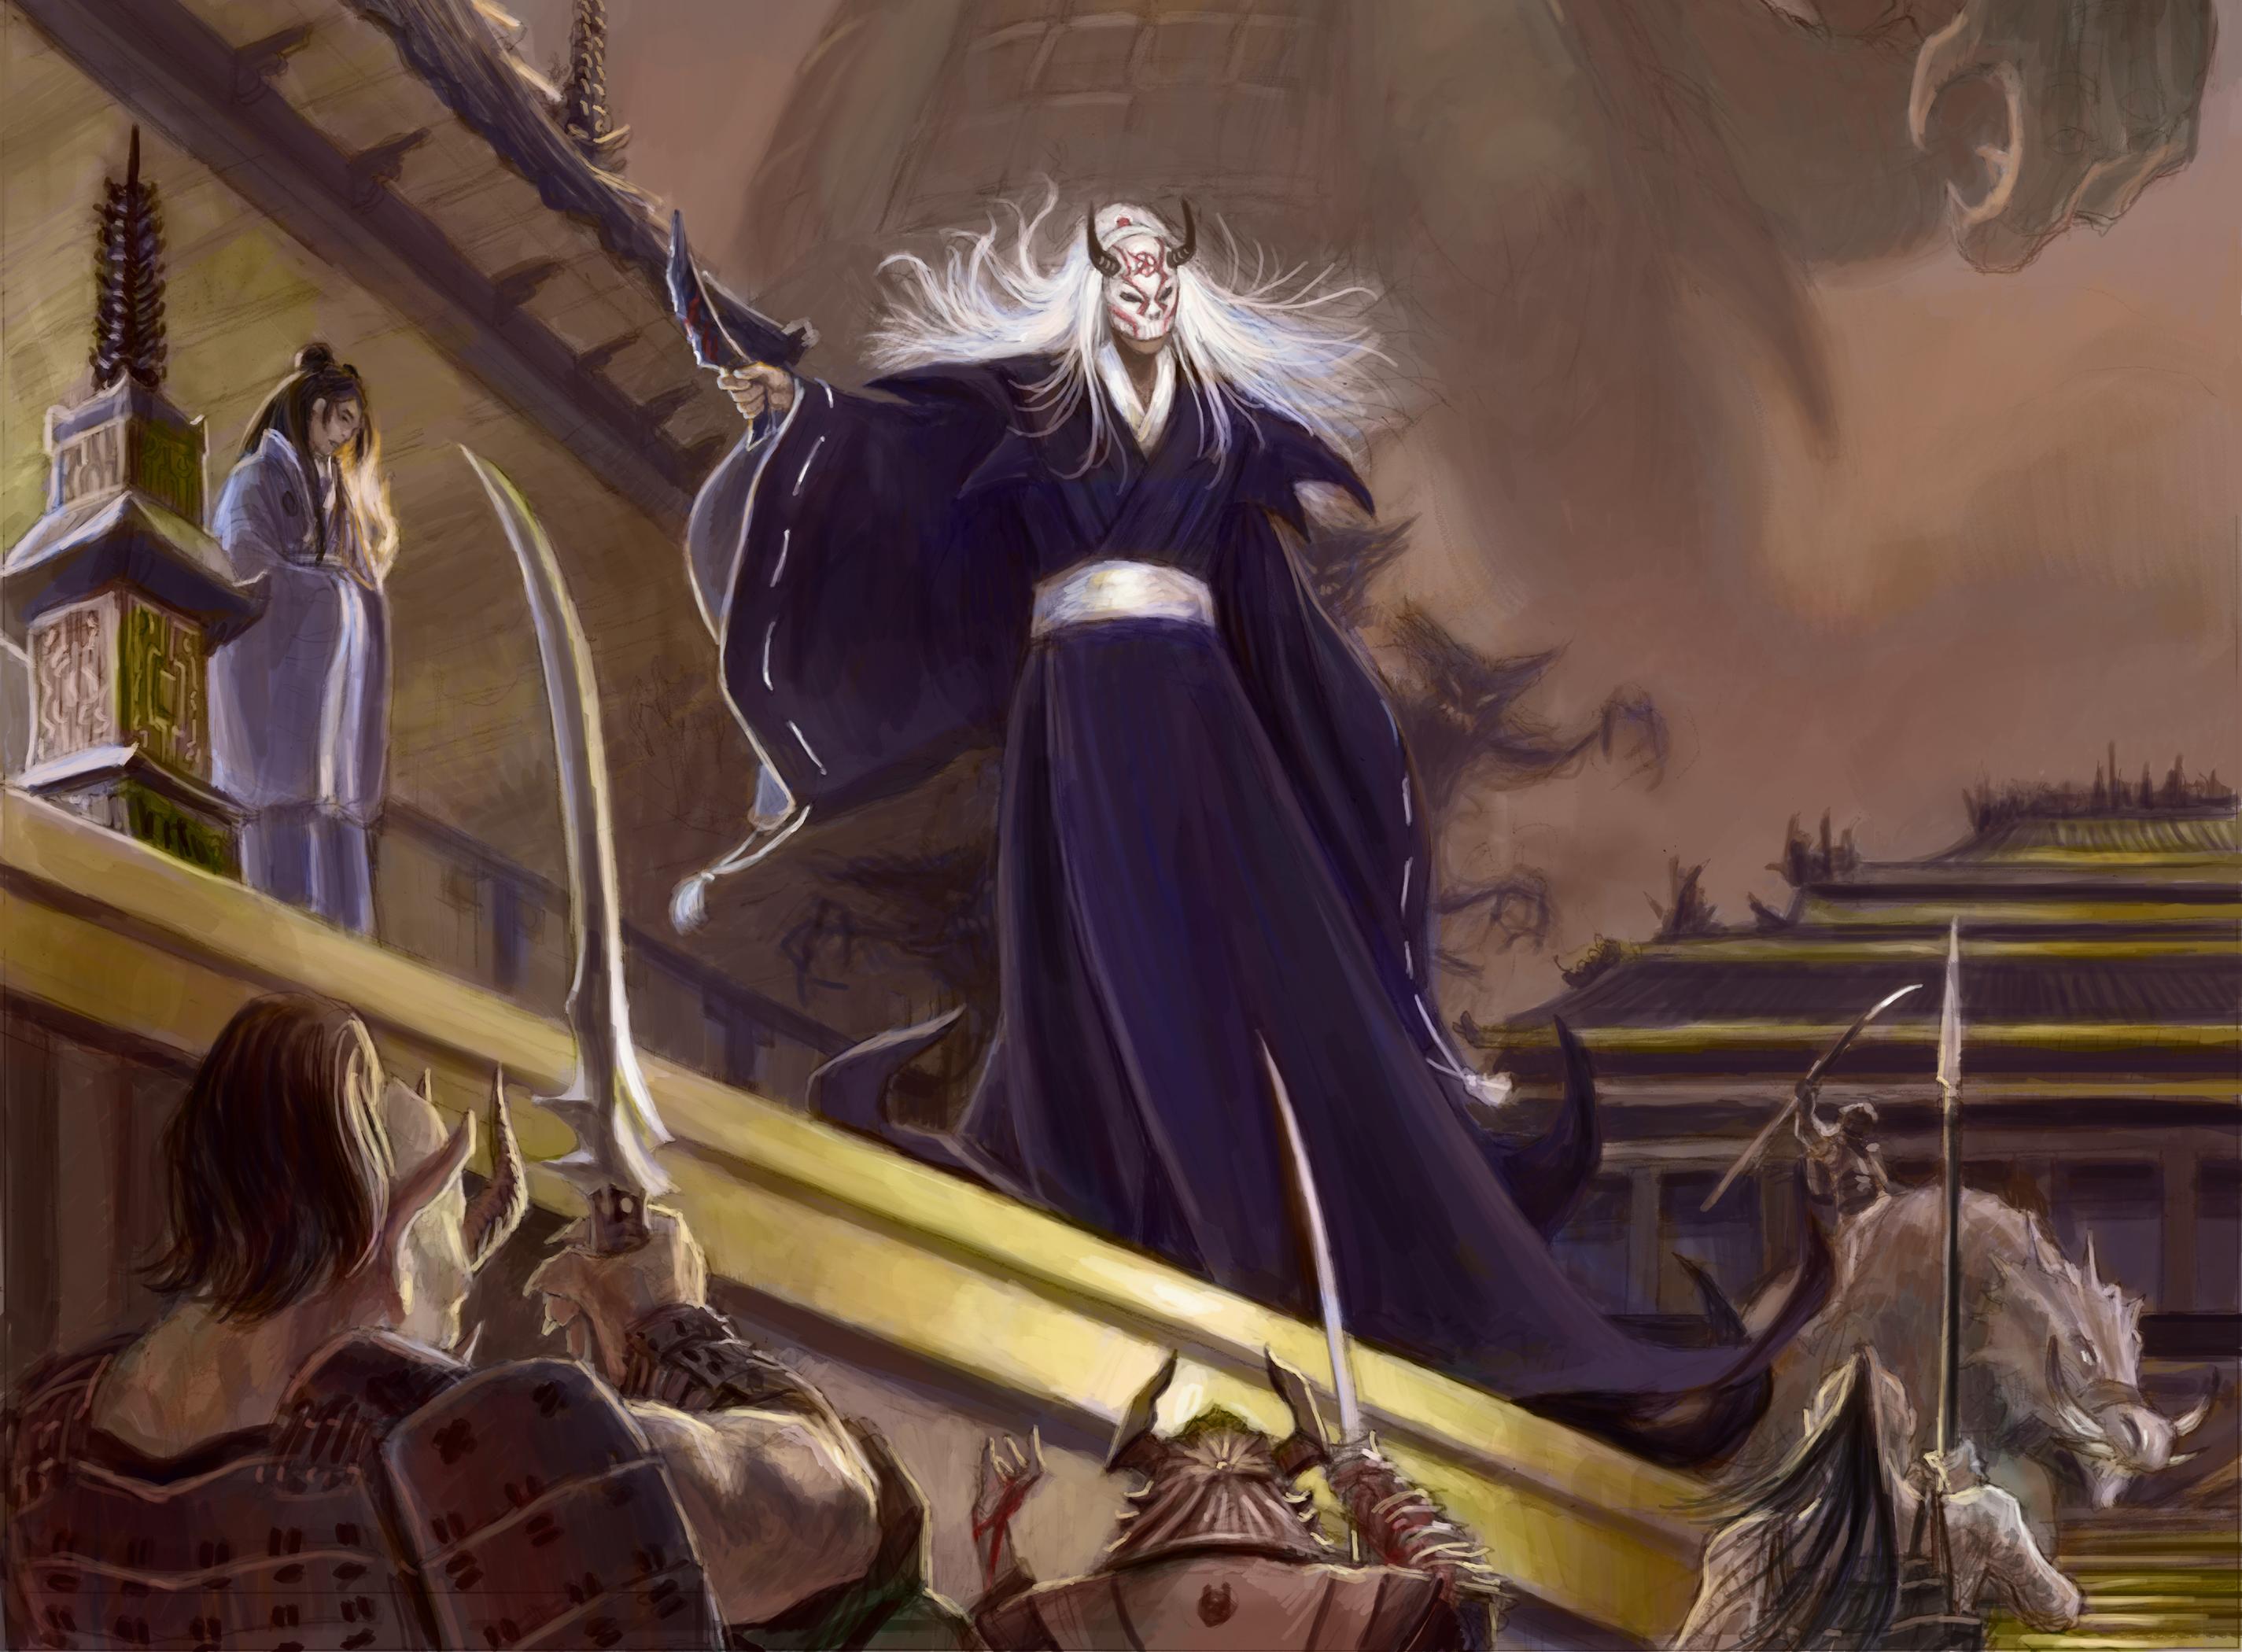 File:Allegiance to the Dark Lord.jpg